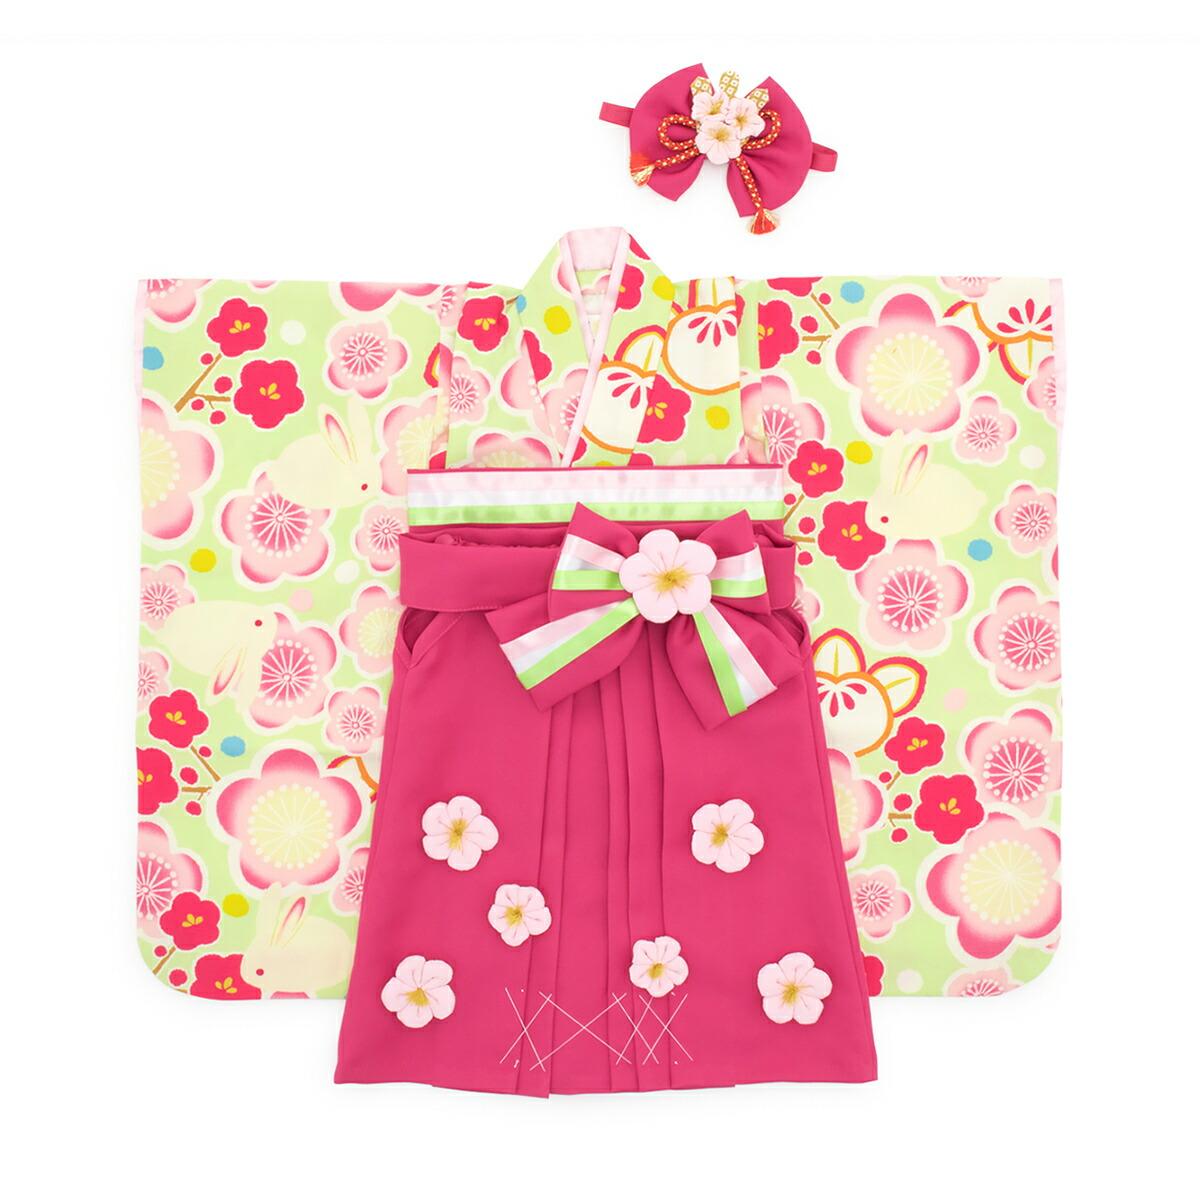 梅の花が咲く袴(スカート)が愛らしいセット